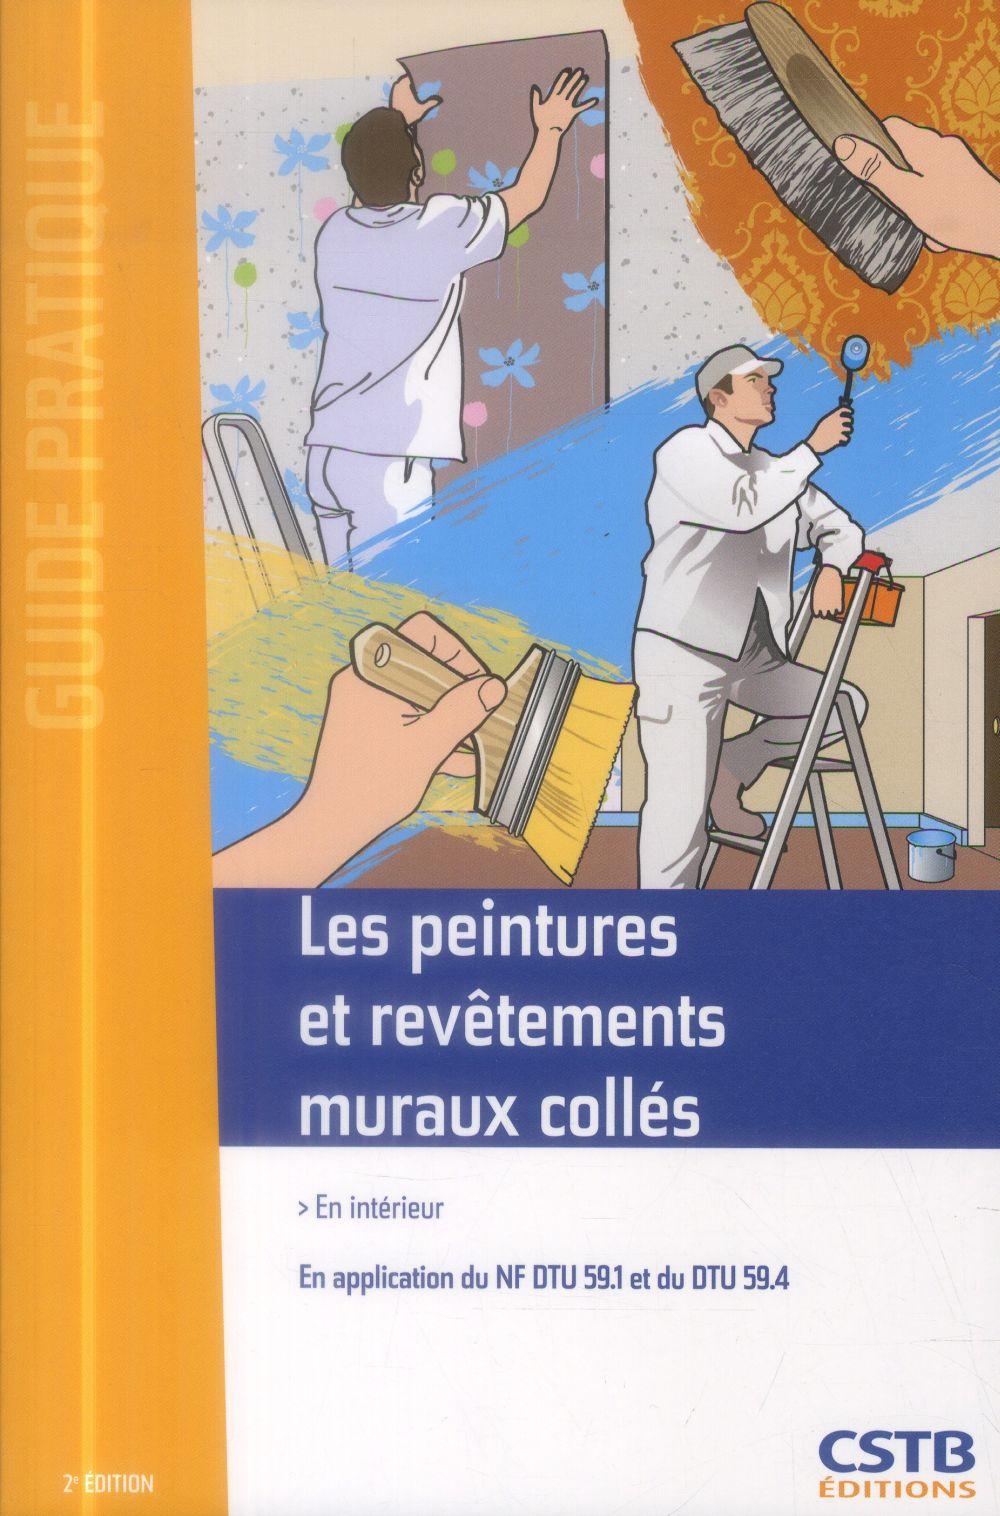 Les peintures et revêtements muraux collés (2e édition)